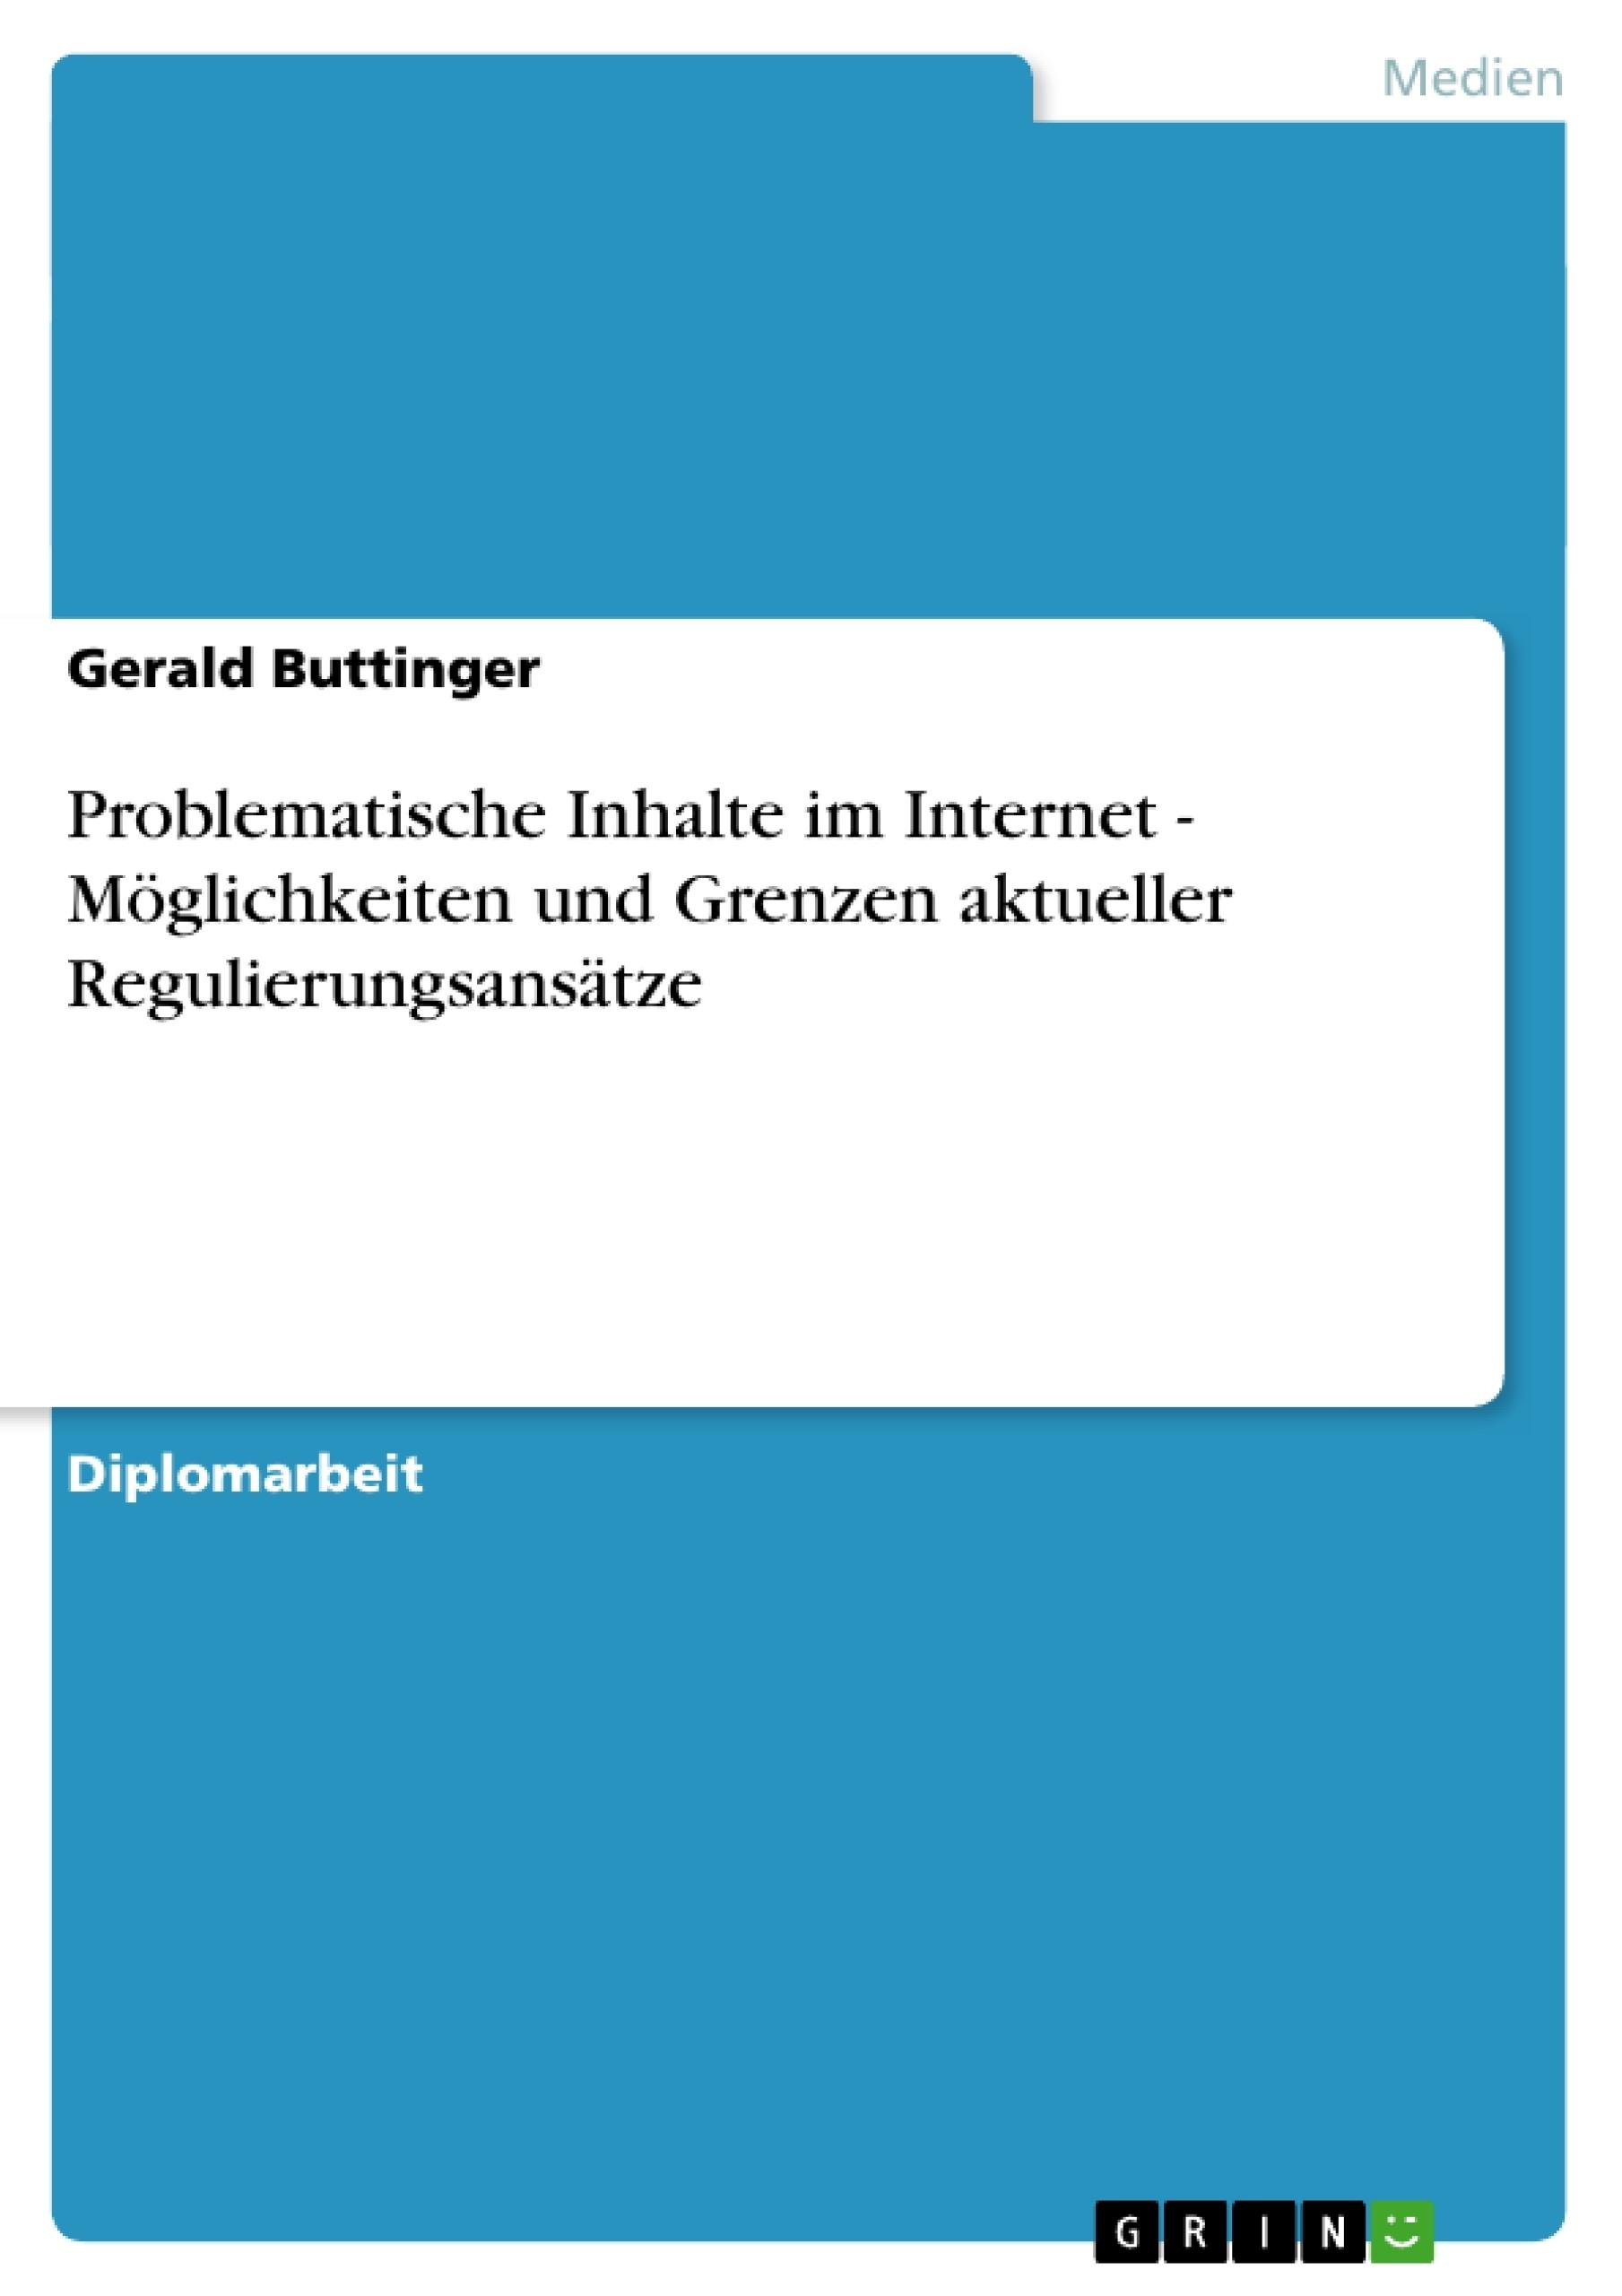 Titel: Problematische Inhalte im Internet - Möglichkeiten und Grenzen aktueller Regulierungsansätze